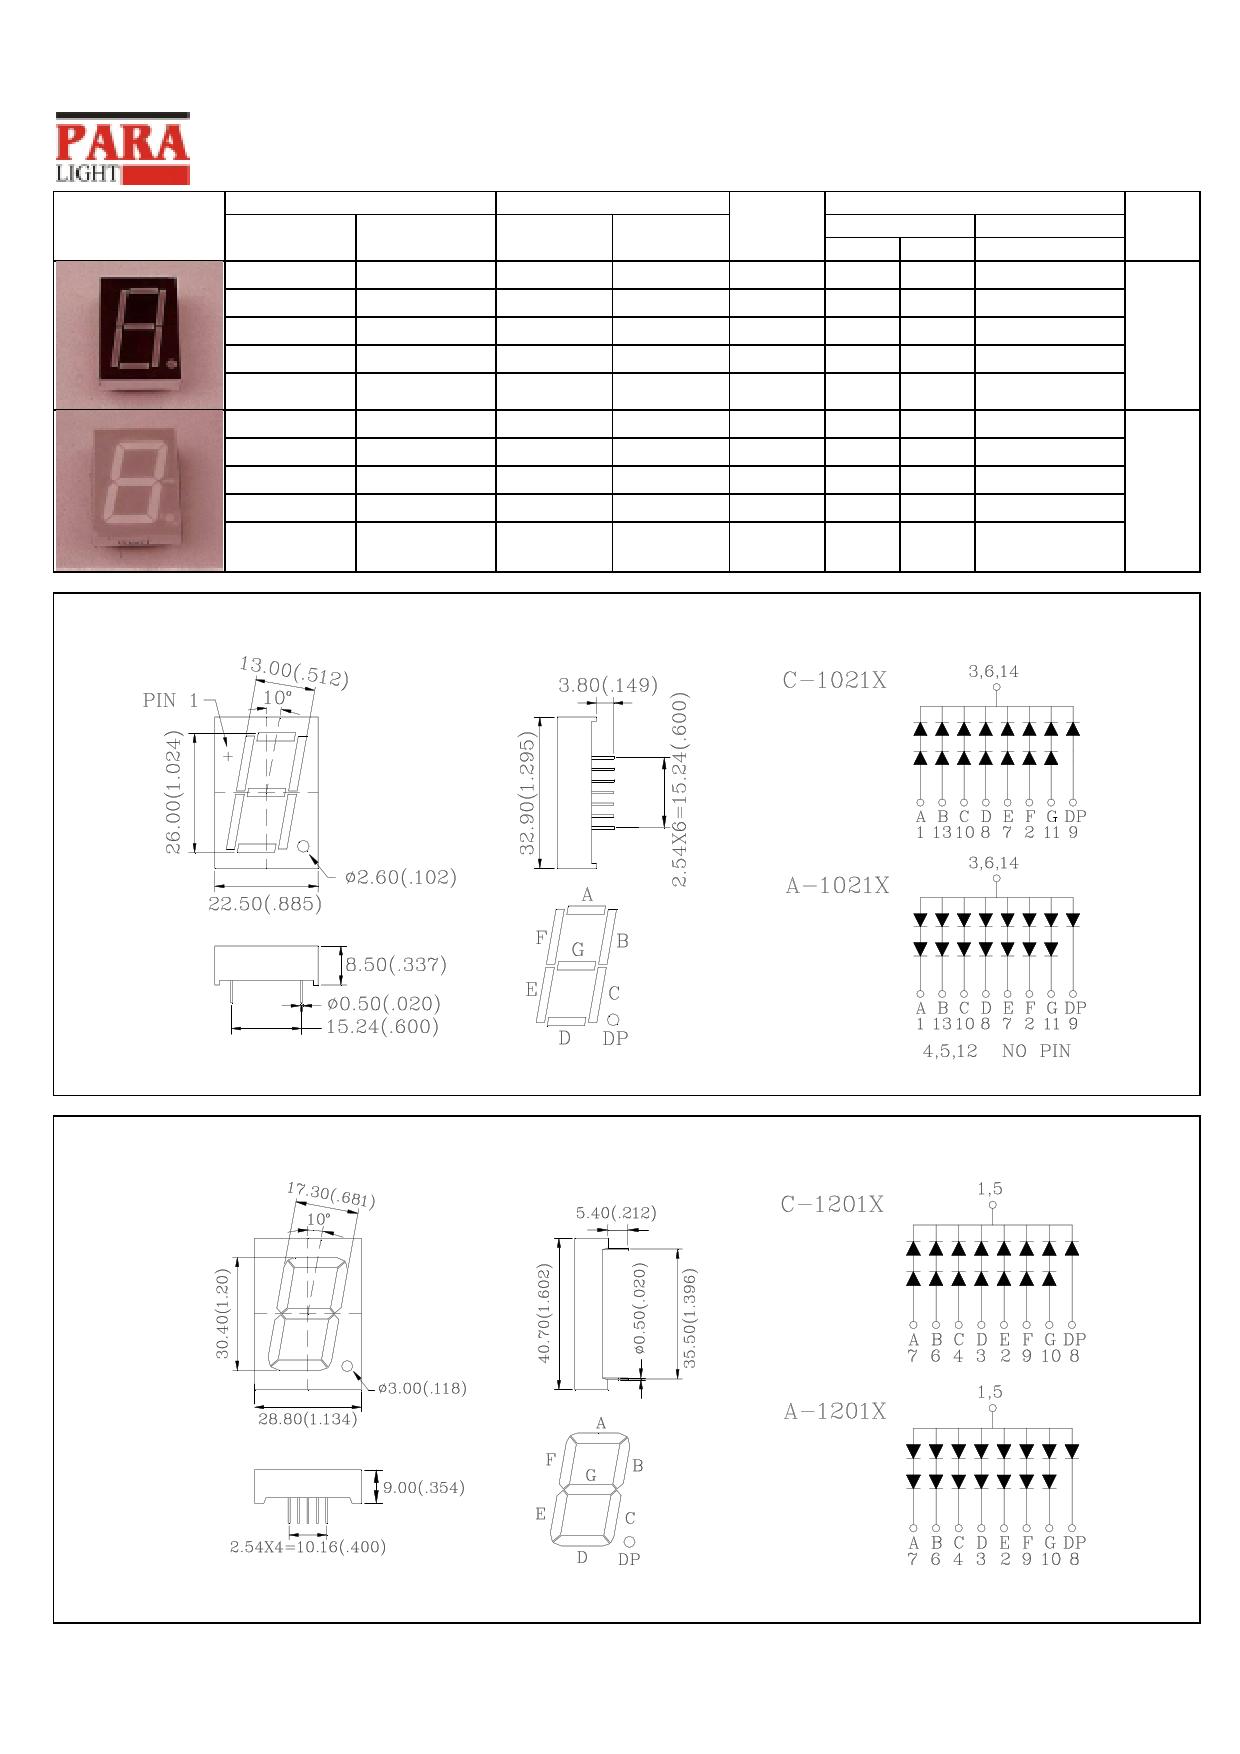 C-1021G datasheet